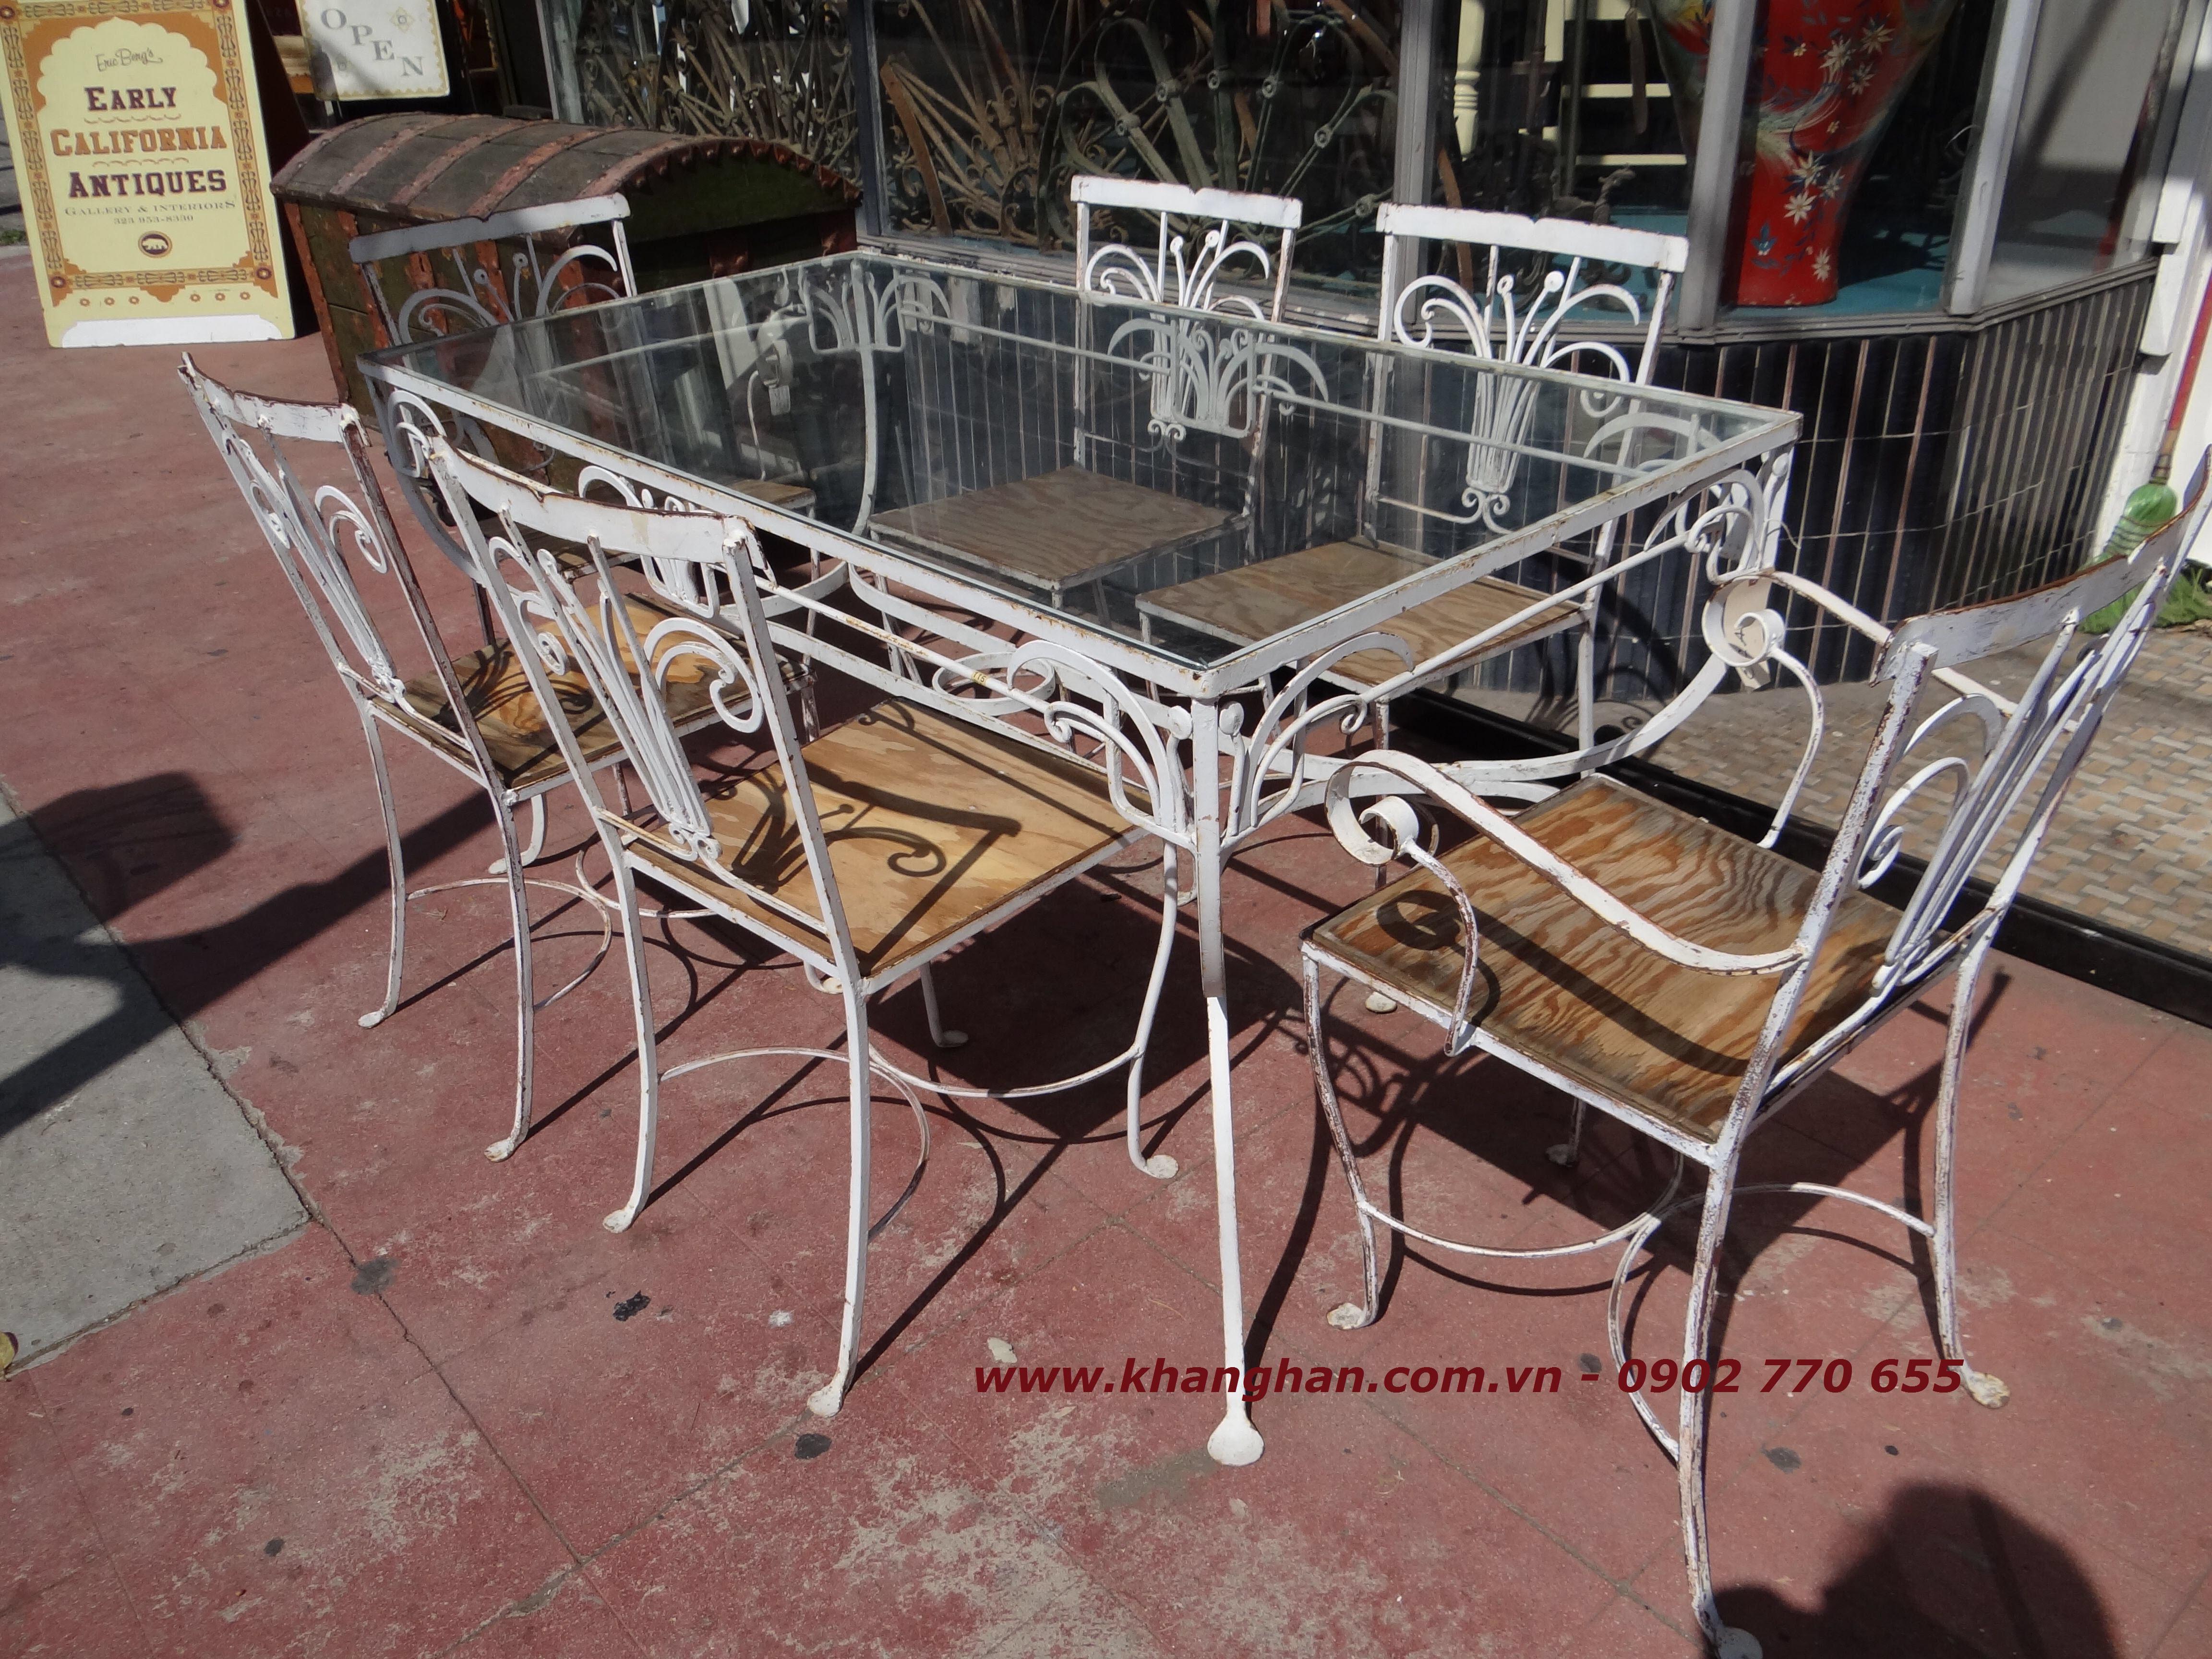 Bộ bàn ghế sắt uốn nghệ thuật đẹp cổ điển